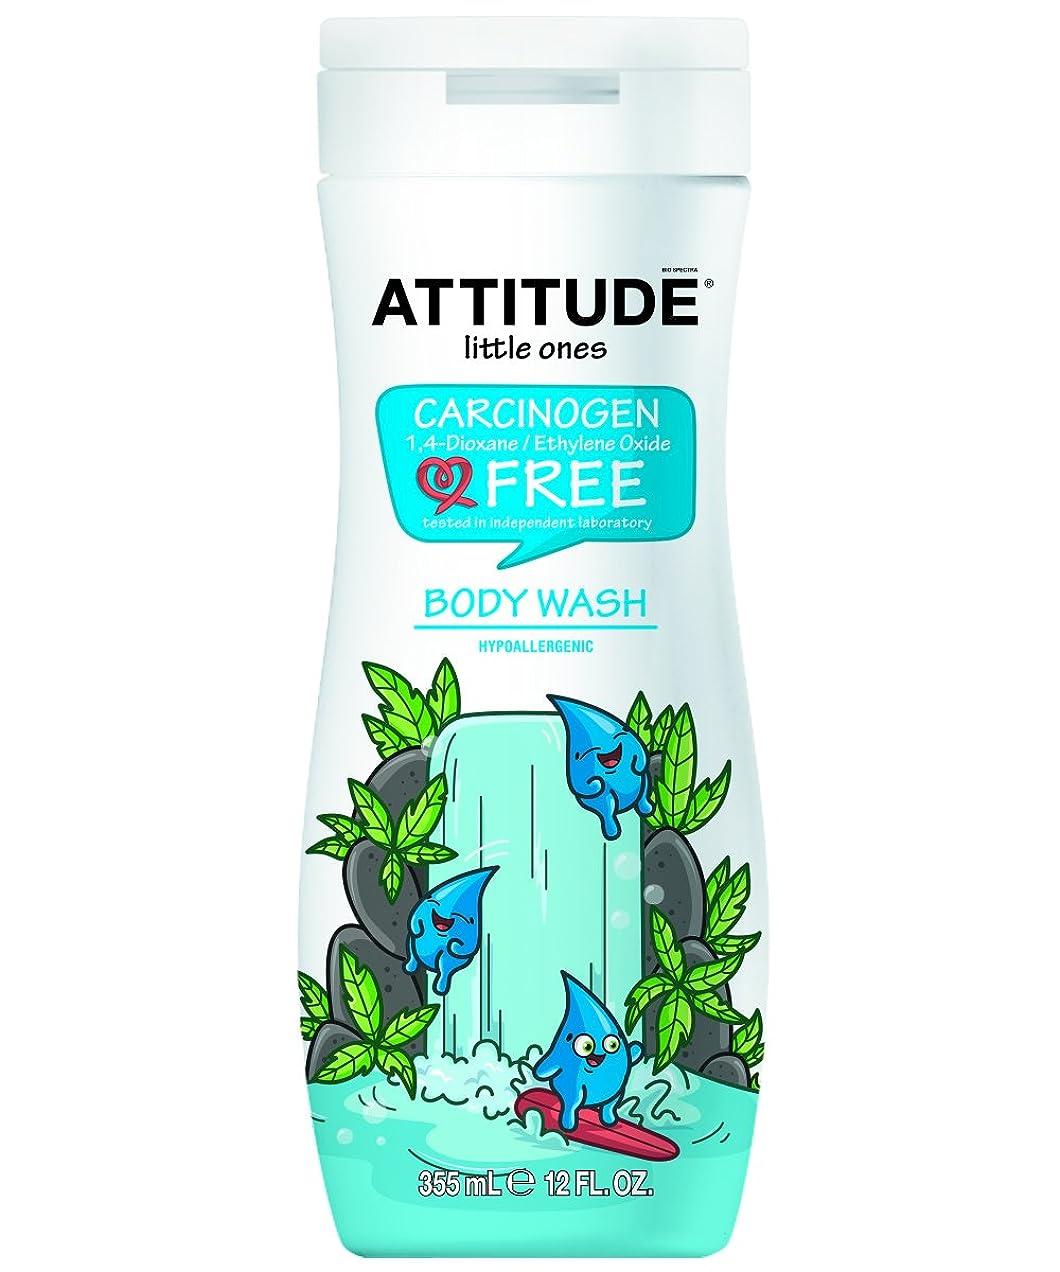 症状謝る虐待Attitude Eco Kids Hypoallergenic Body Wash (355ml) 姿勢エコキッズ低刺激性ボディウォッシュ( 355ミリリットル)